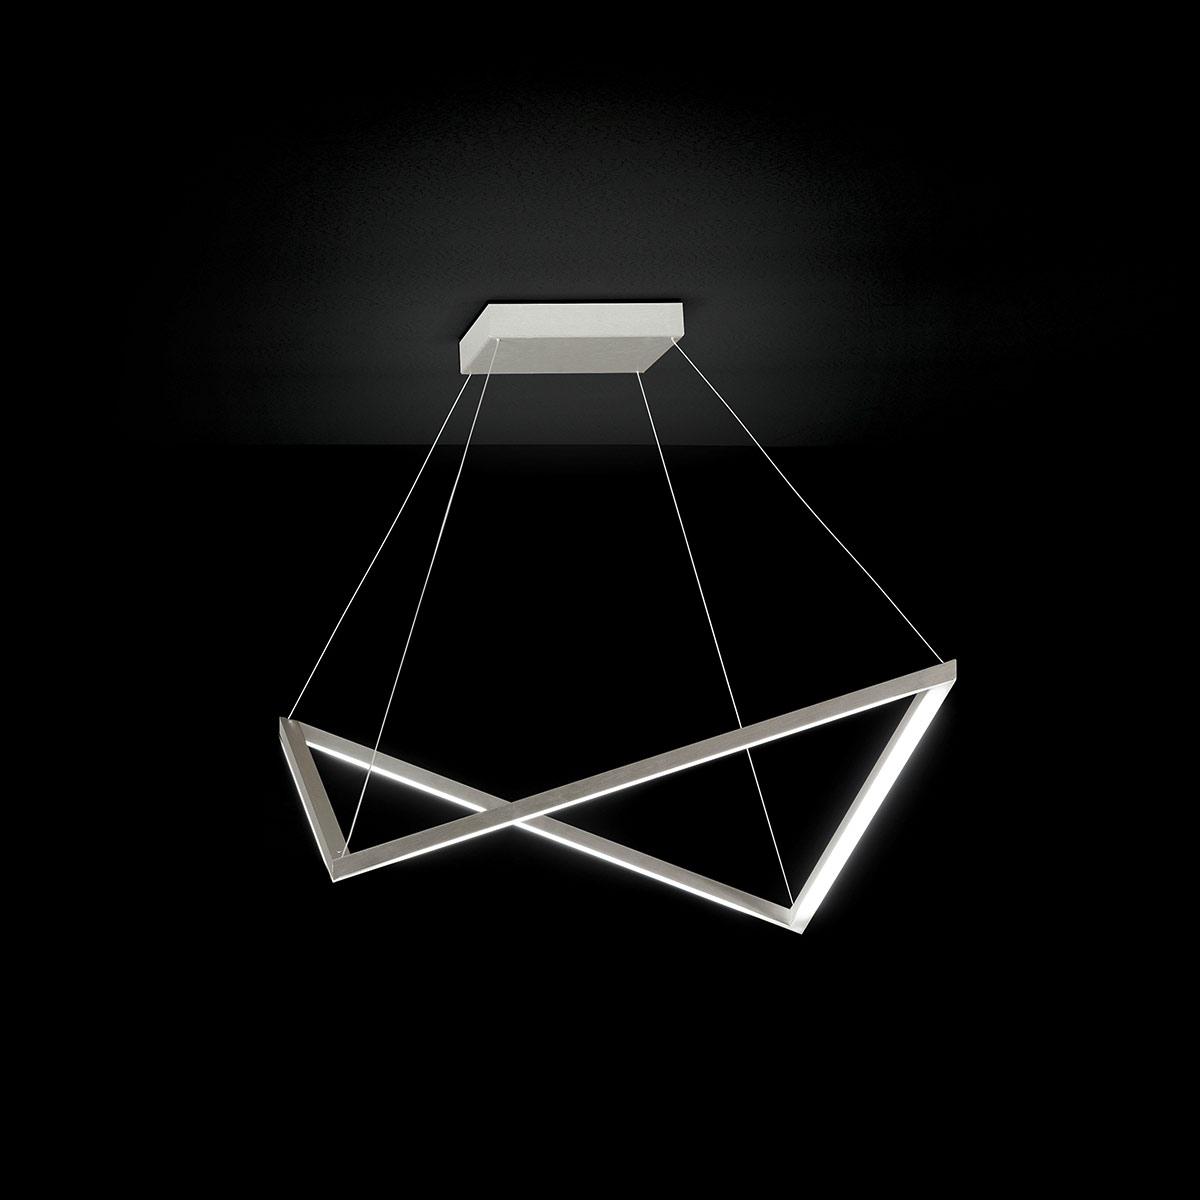 grossmann lox led pendelleuchte. Black Bedroom Furniture Sets. Home Design Ideas